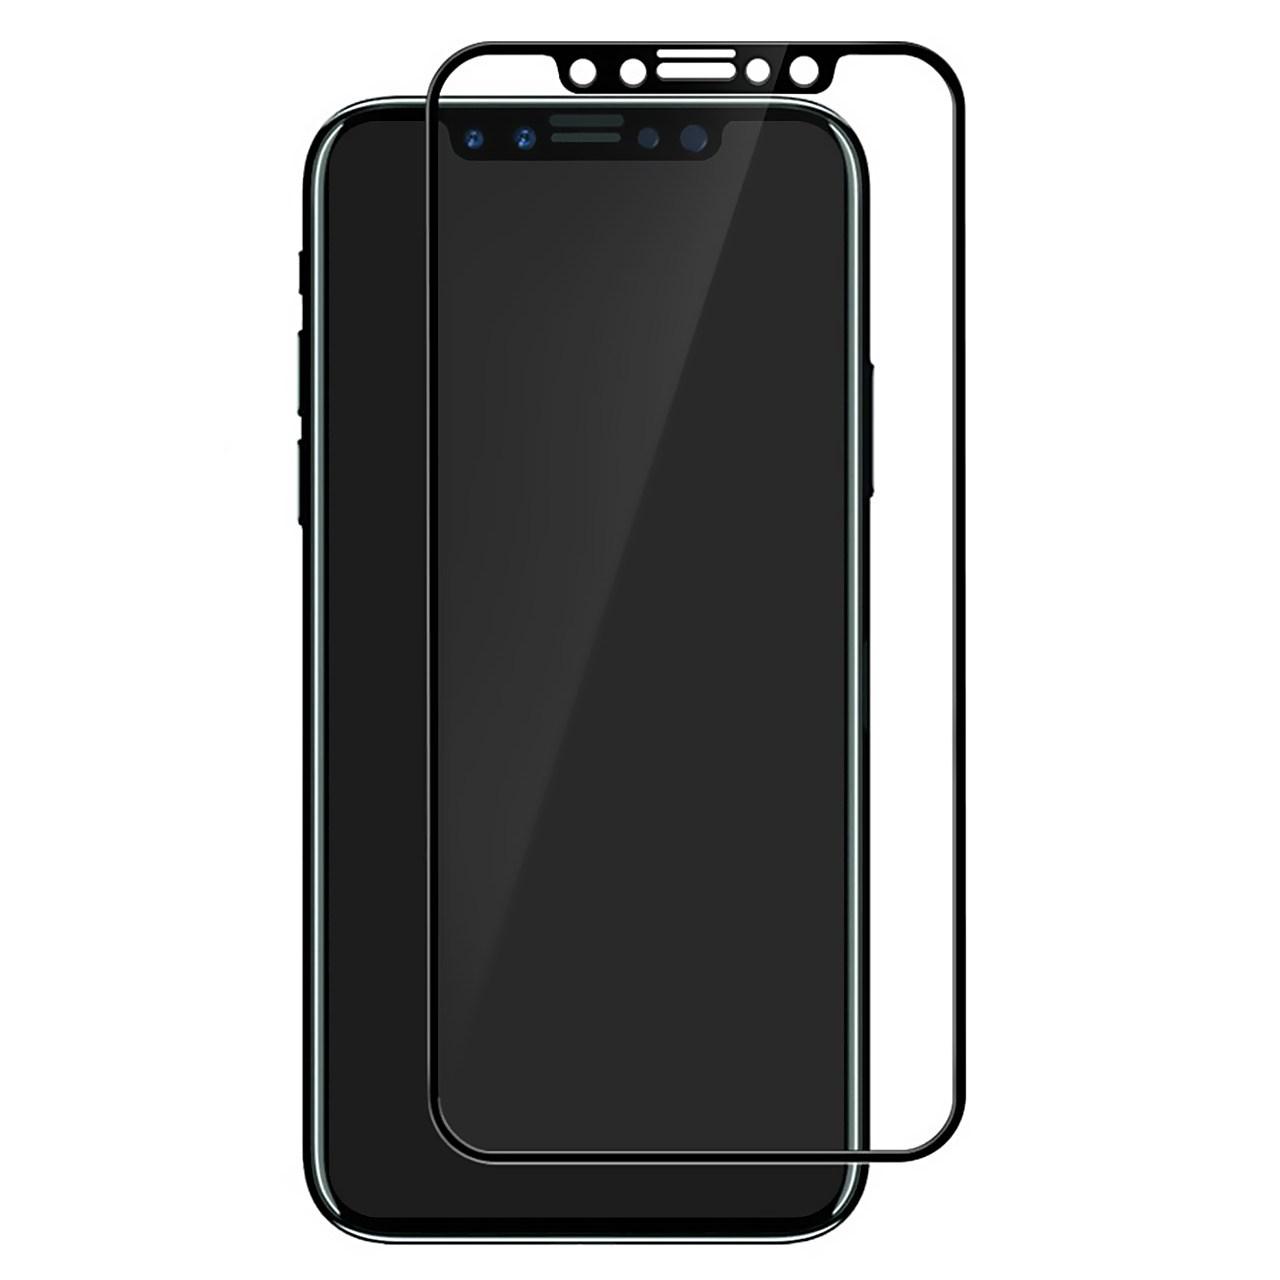 محافظ صفحه نمایش شیشه ای تمپرد مدل Full Cover مناسب برای گوشی موبایل اپل آیفون X